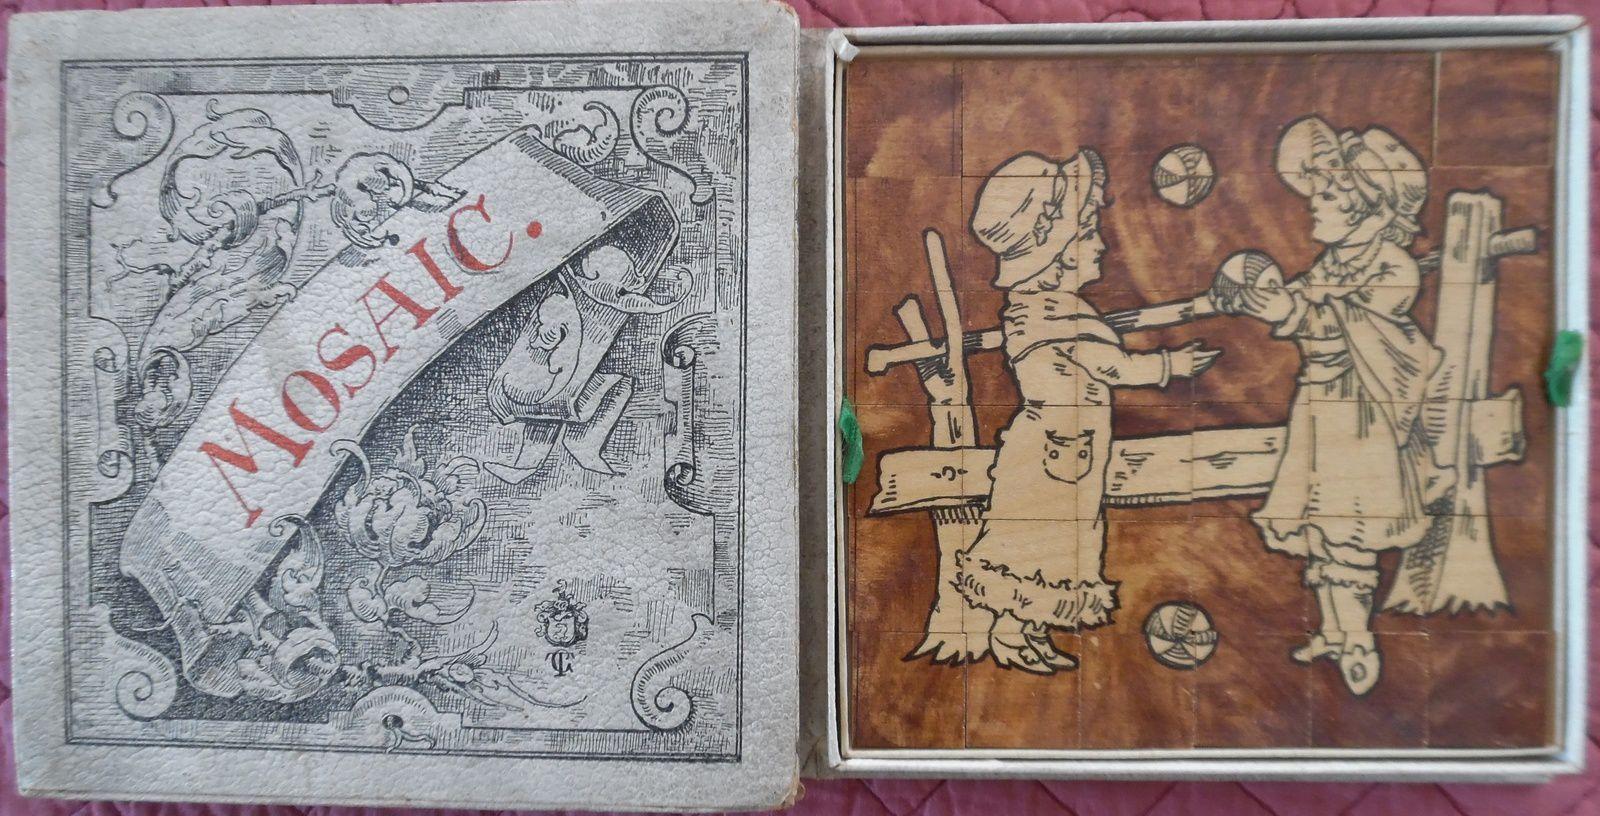 Mosaic, 3 dessins sur bois découpés en carrés